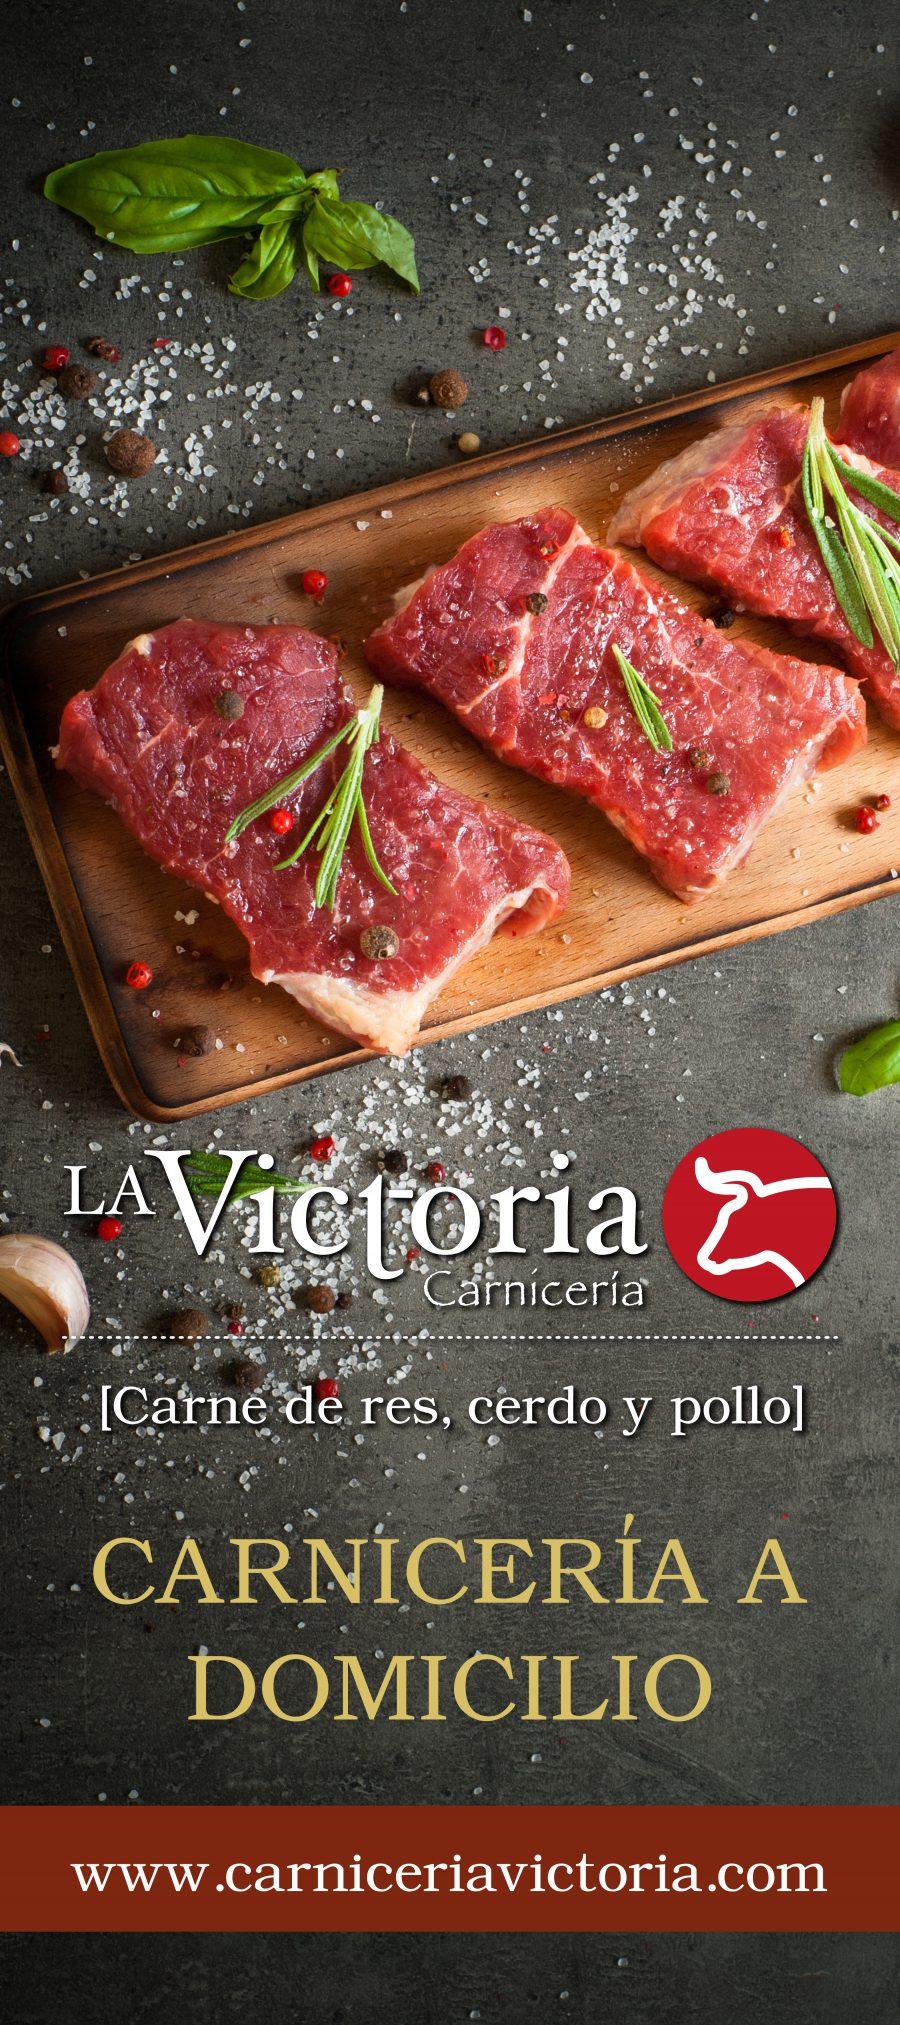 Carnicería La Victoria. Diseño de logotipo e identidad corporativa.